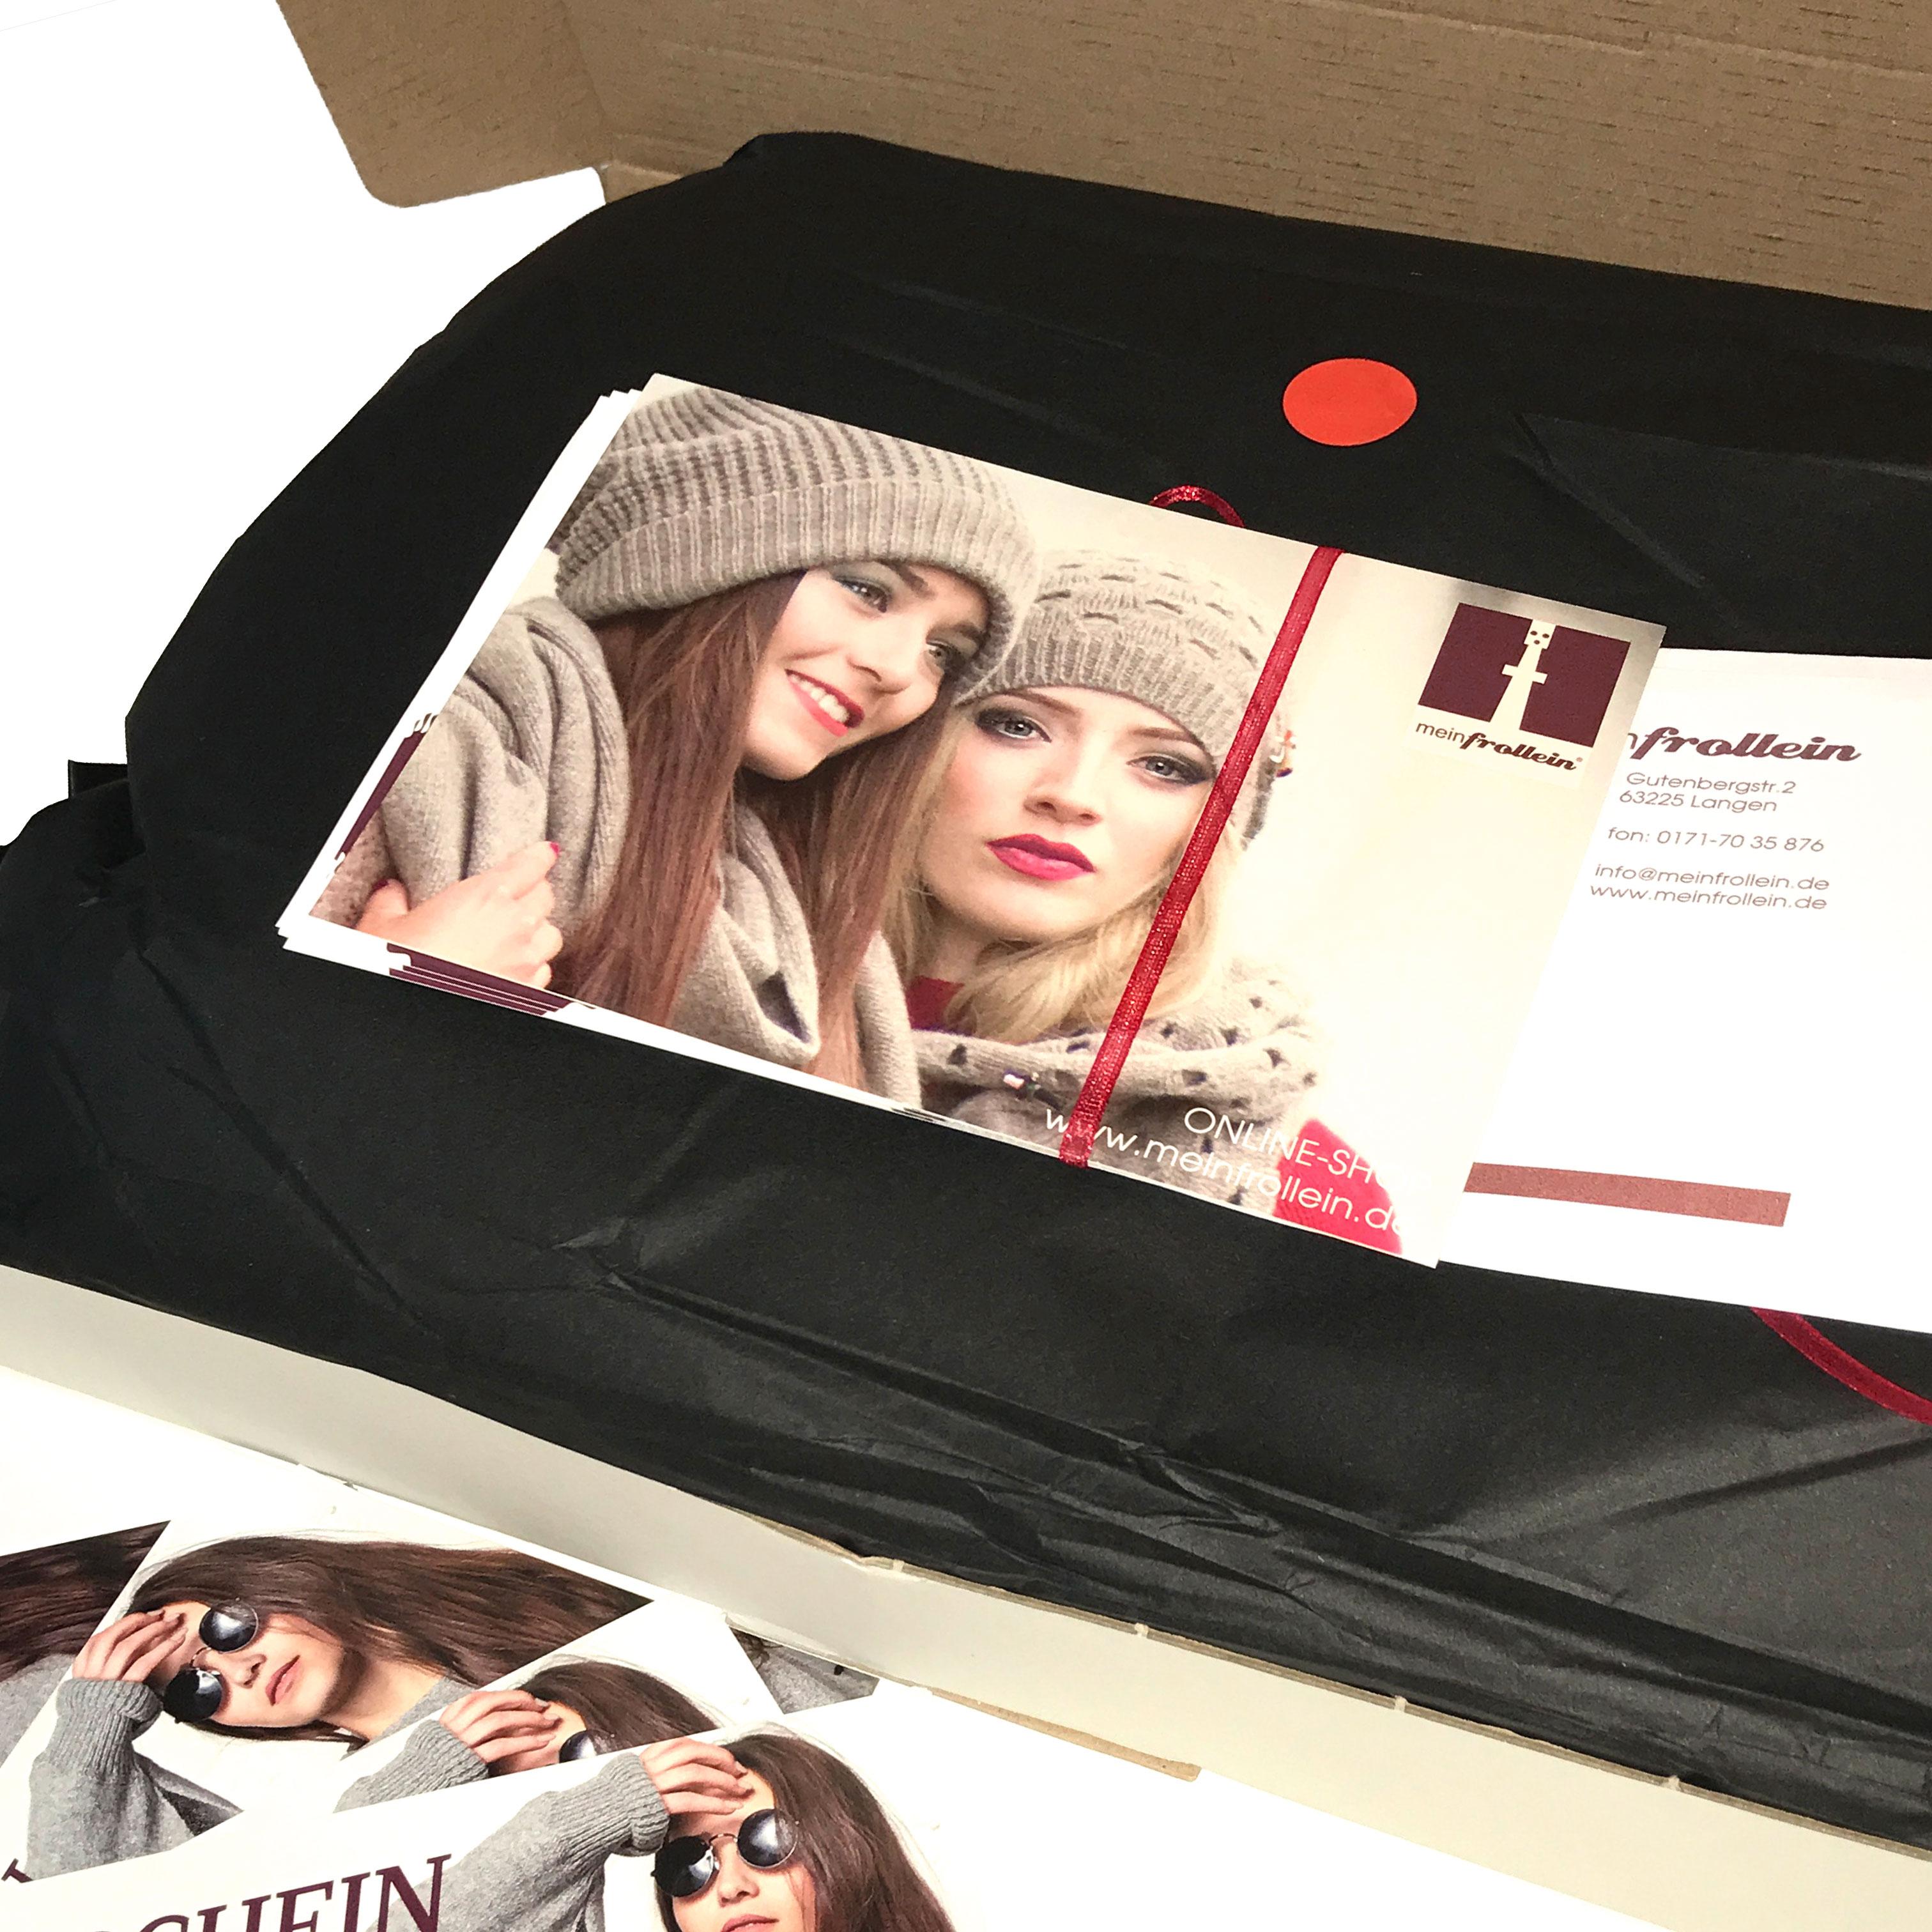 Liebevoll verpackt mit persönlicher Grußkarte -so verlassen meinfrollein Produkte das Haus!